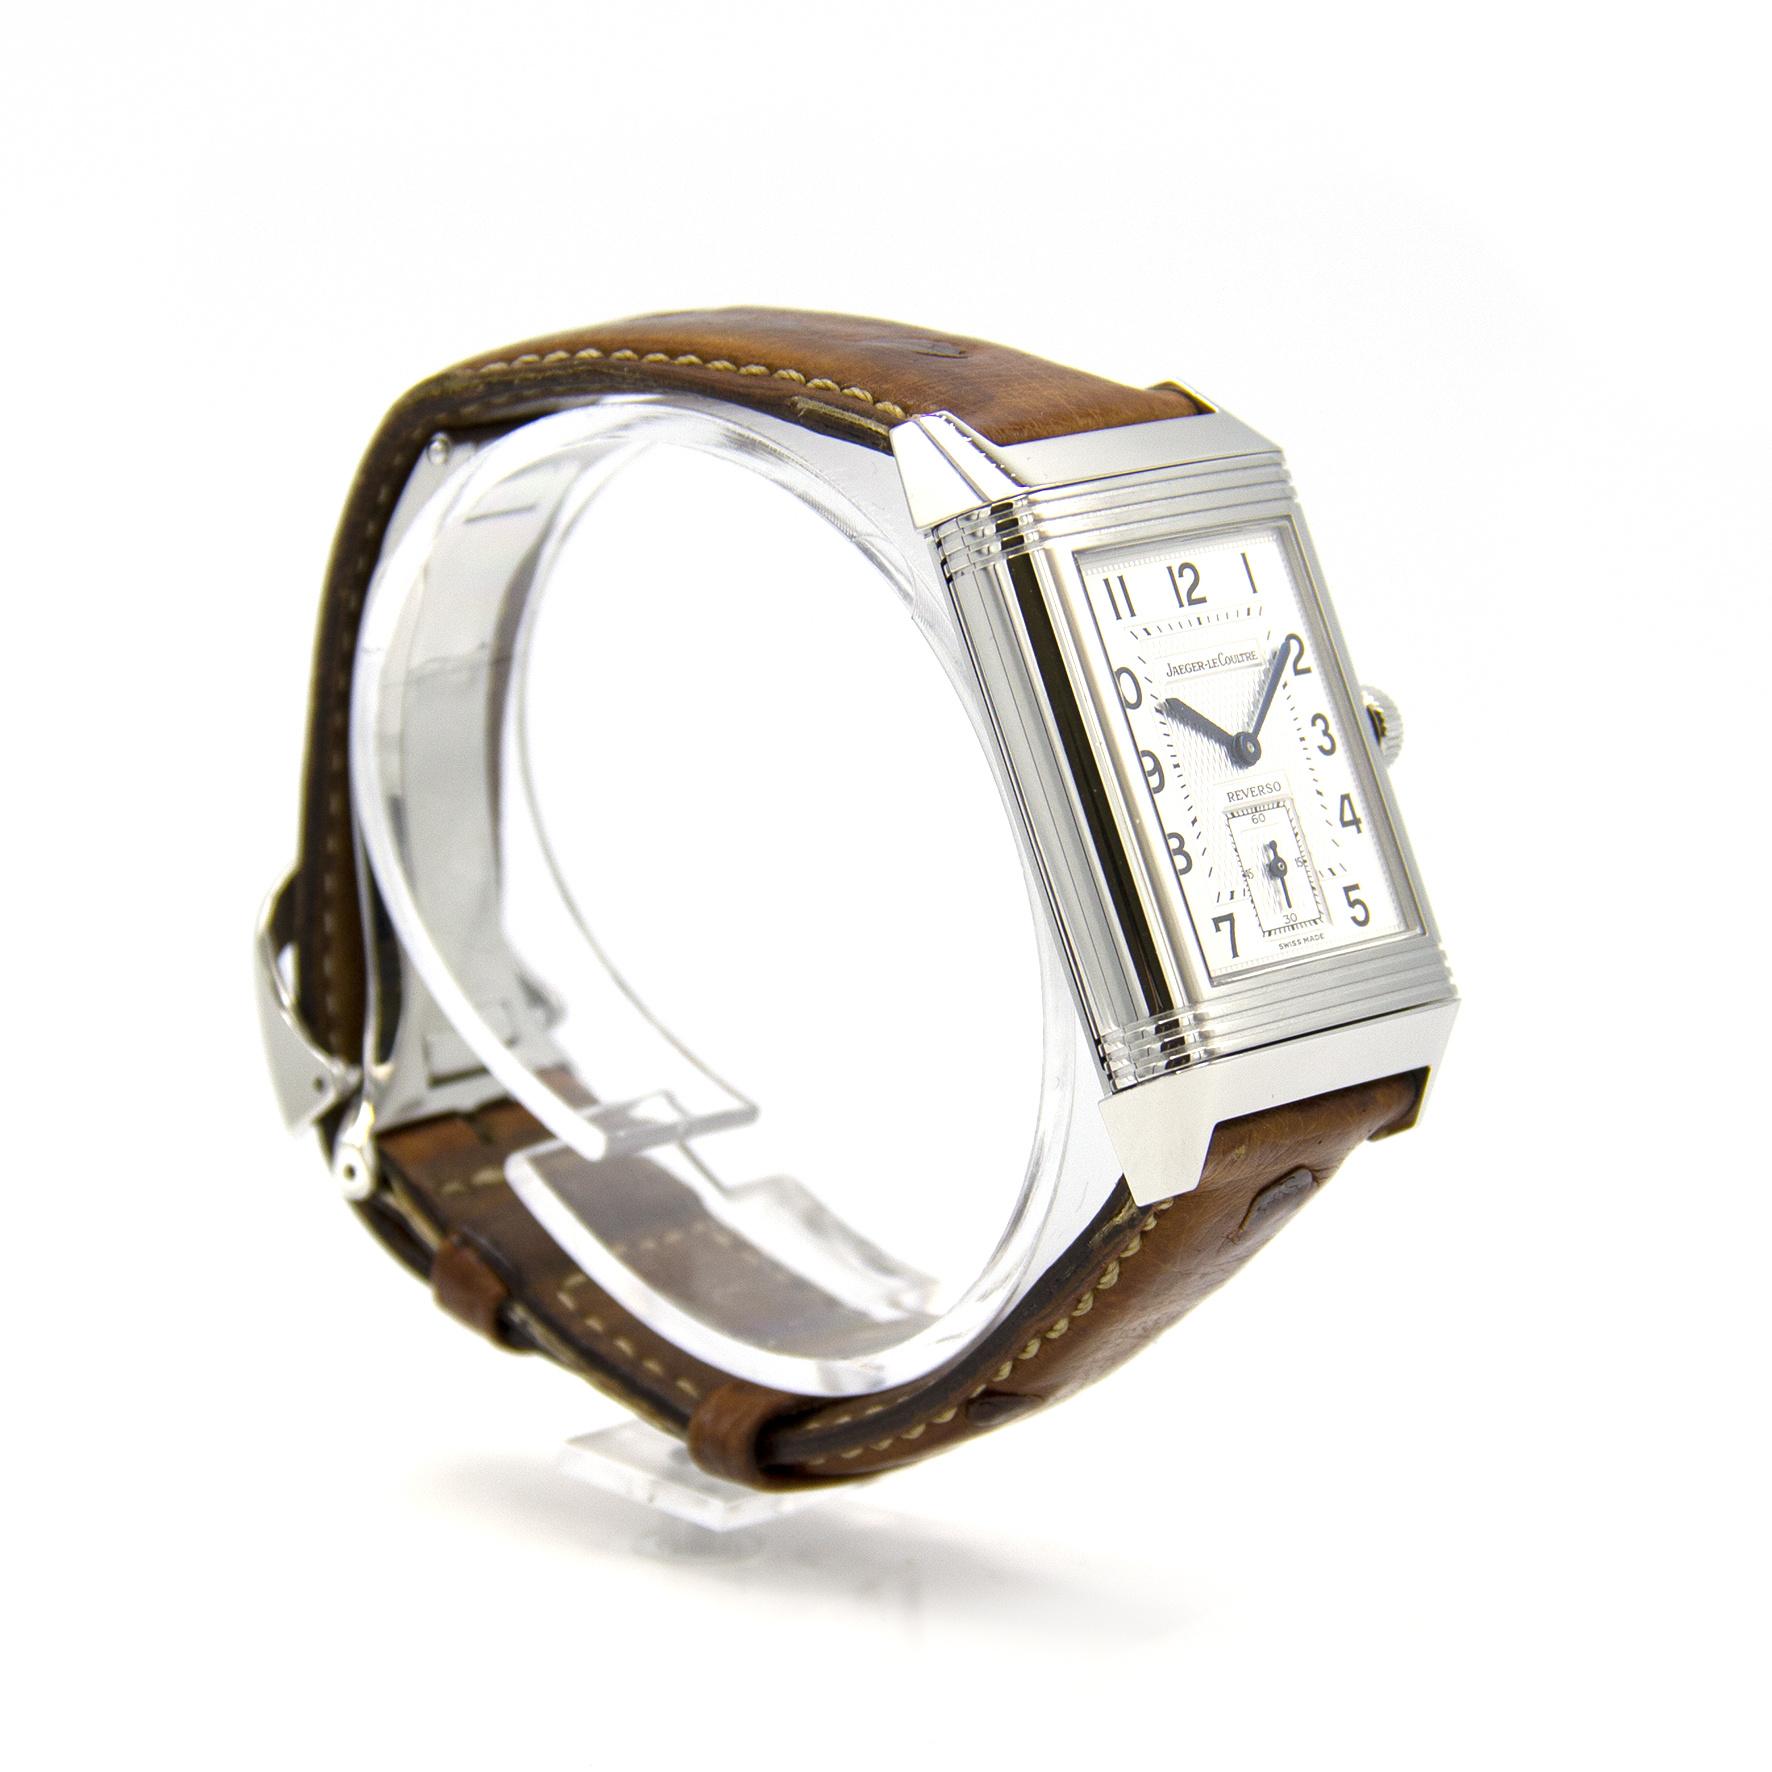 Jaeger-LeCoultre - Duo Face - Horloge Heren - 270.8.54-4